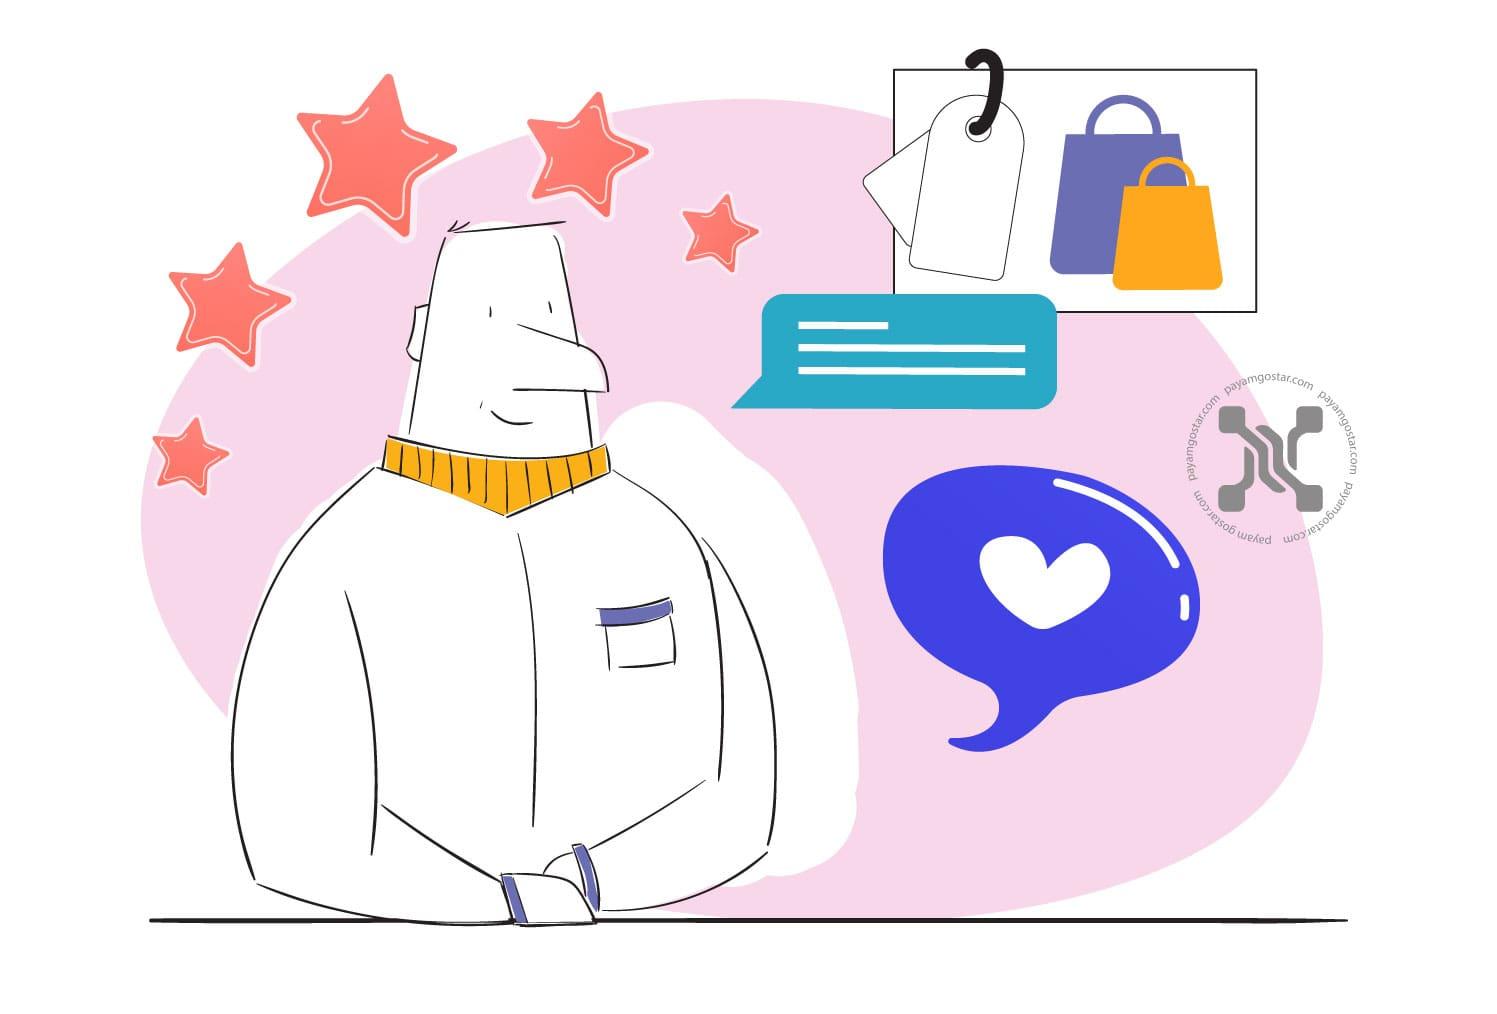 مشتری مداری فراتر از تجزبه مشتری است